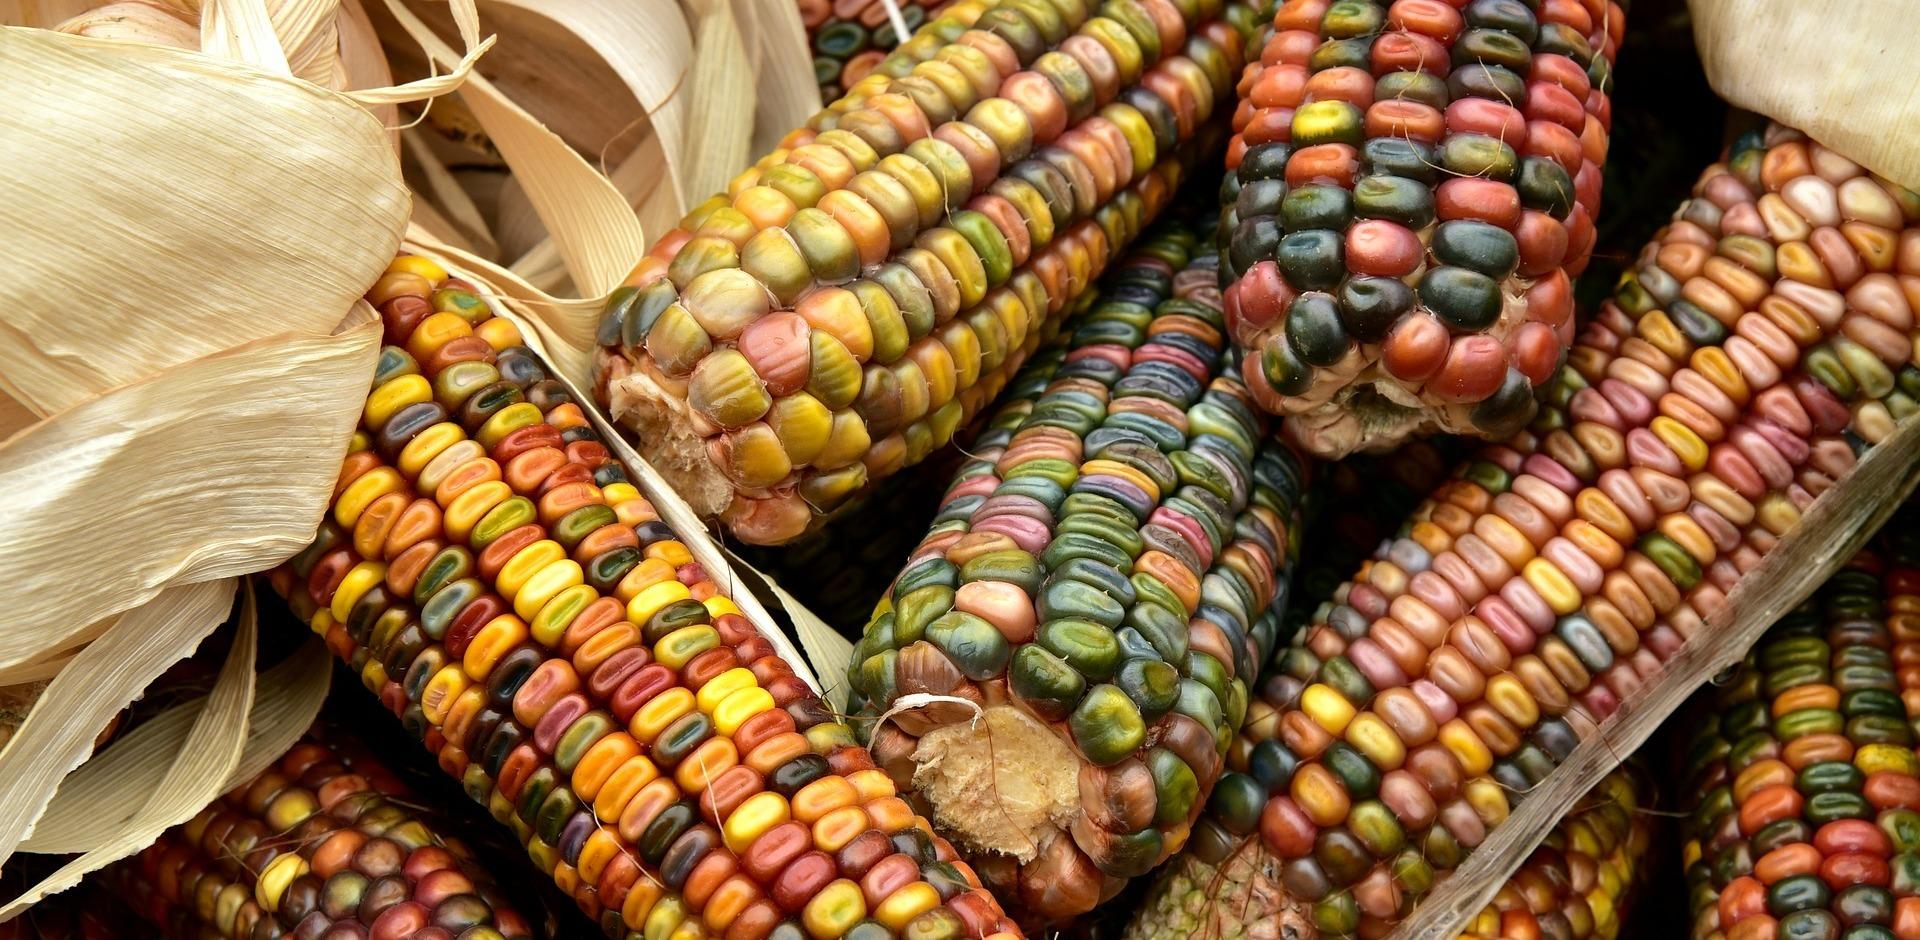 Malditos transgénicos: los mitos sobre estos alimentos y por qué no hay  evidencias de que sean peligrosos o dañinos - Maldita.es